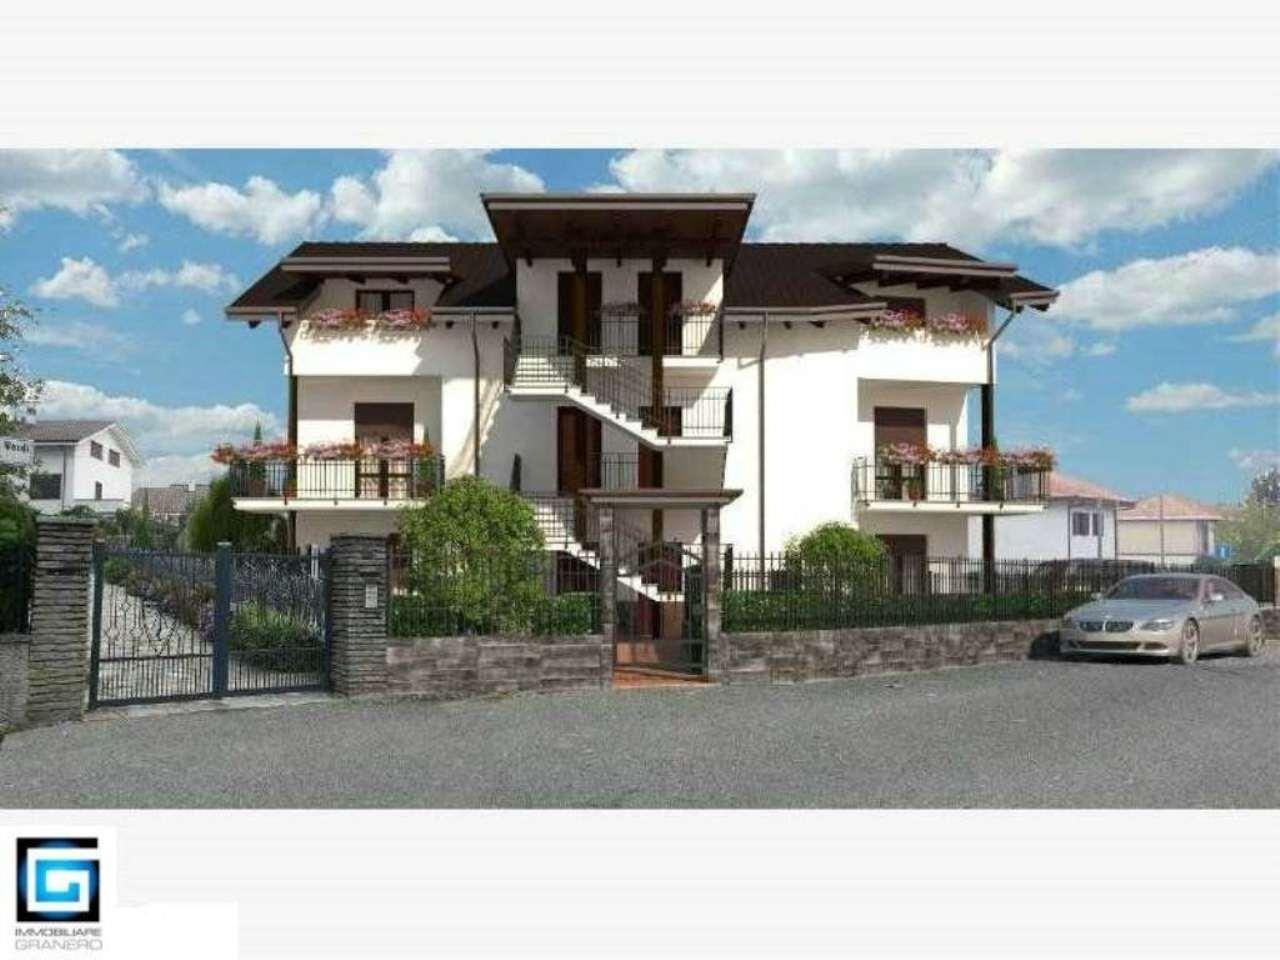 Alpignano Vendita APPARTAMENTO Immagine 3